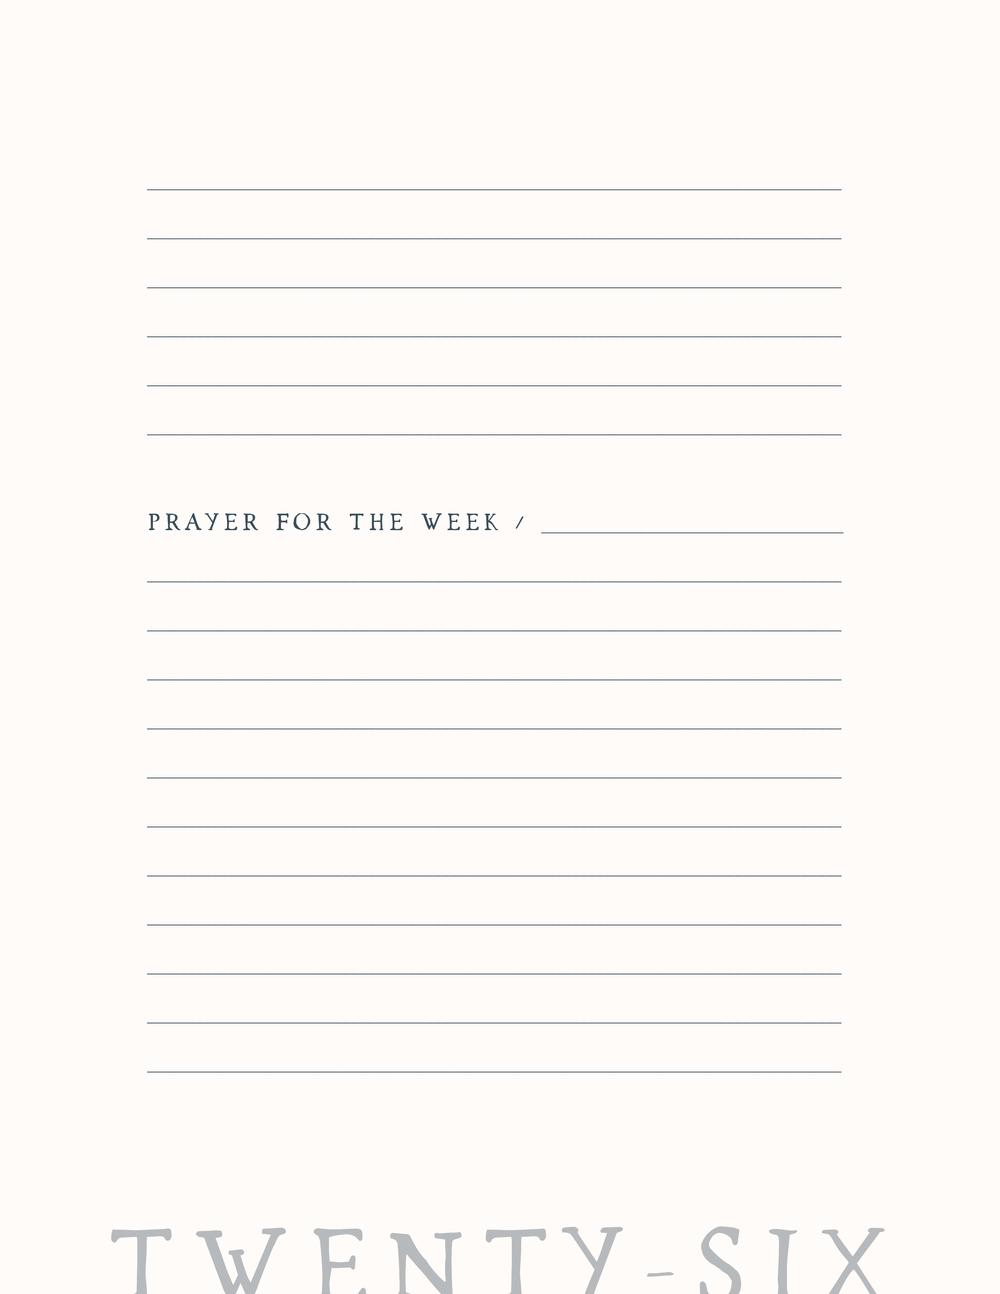 week262.png